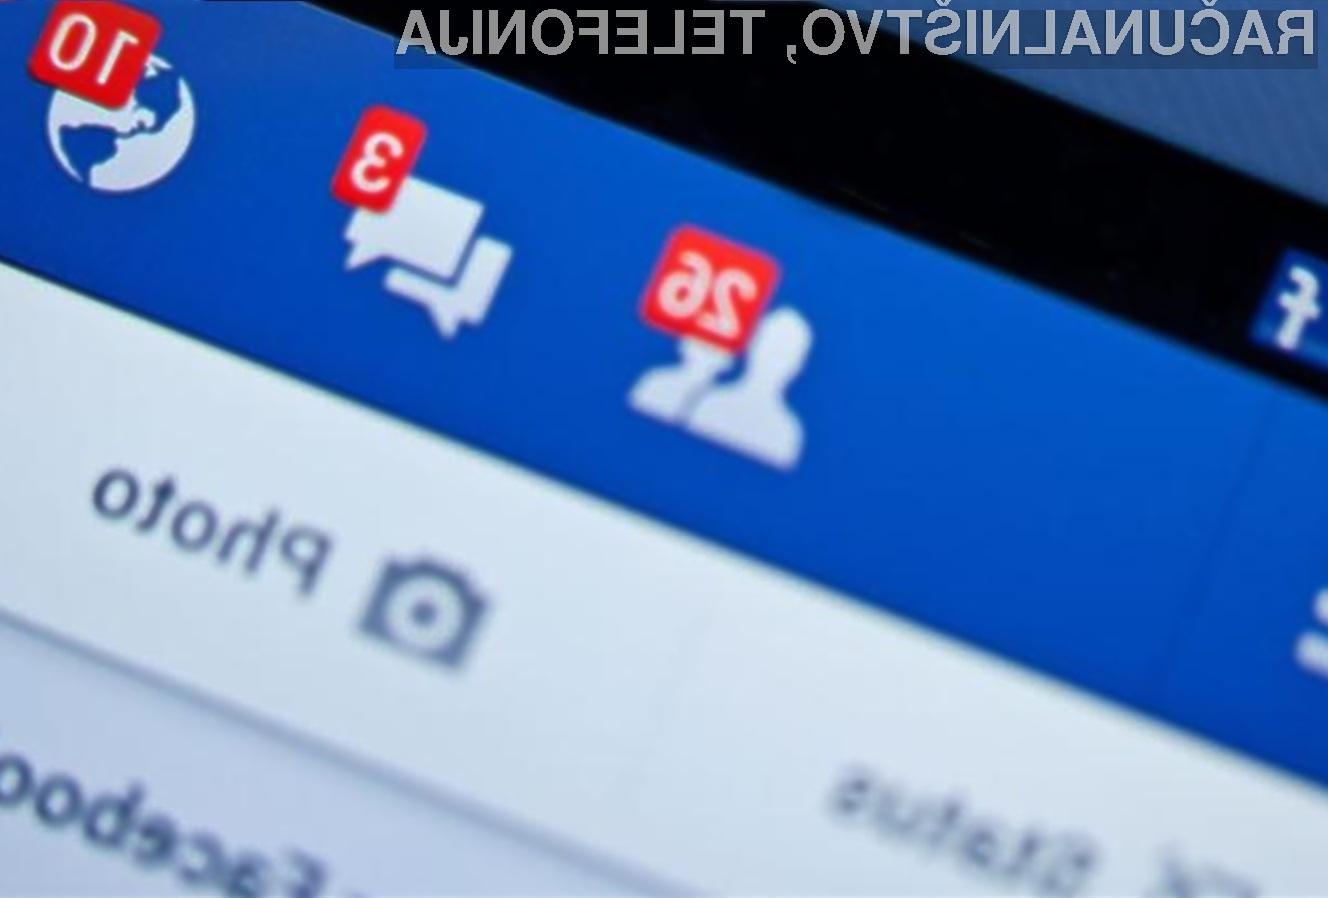 Vedno več delodajalcev preverja družbena omrežja svojih zaposlenih